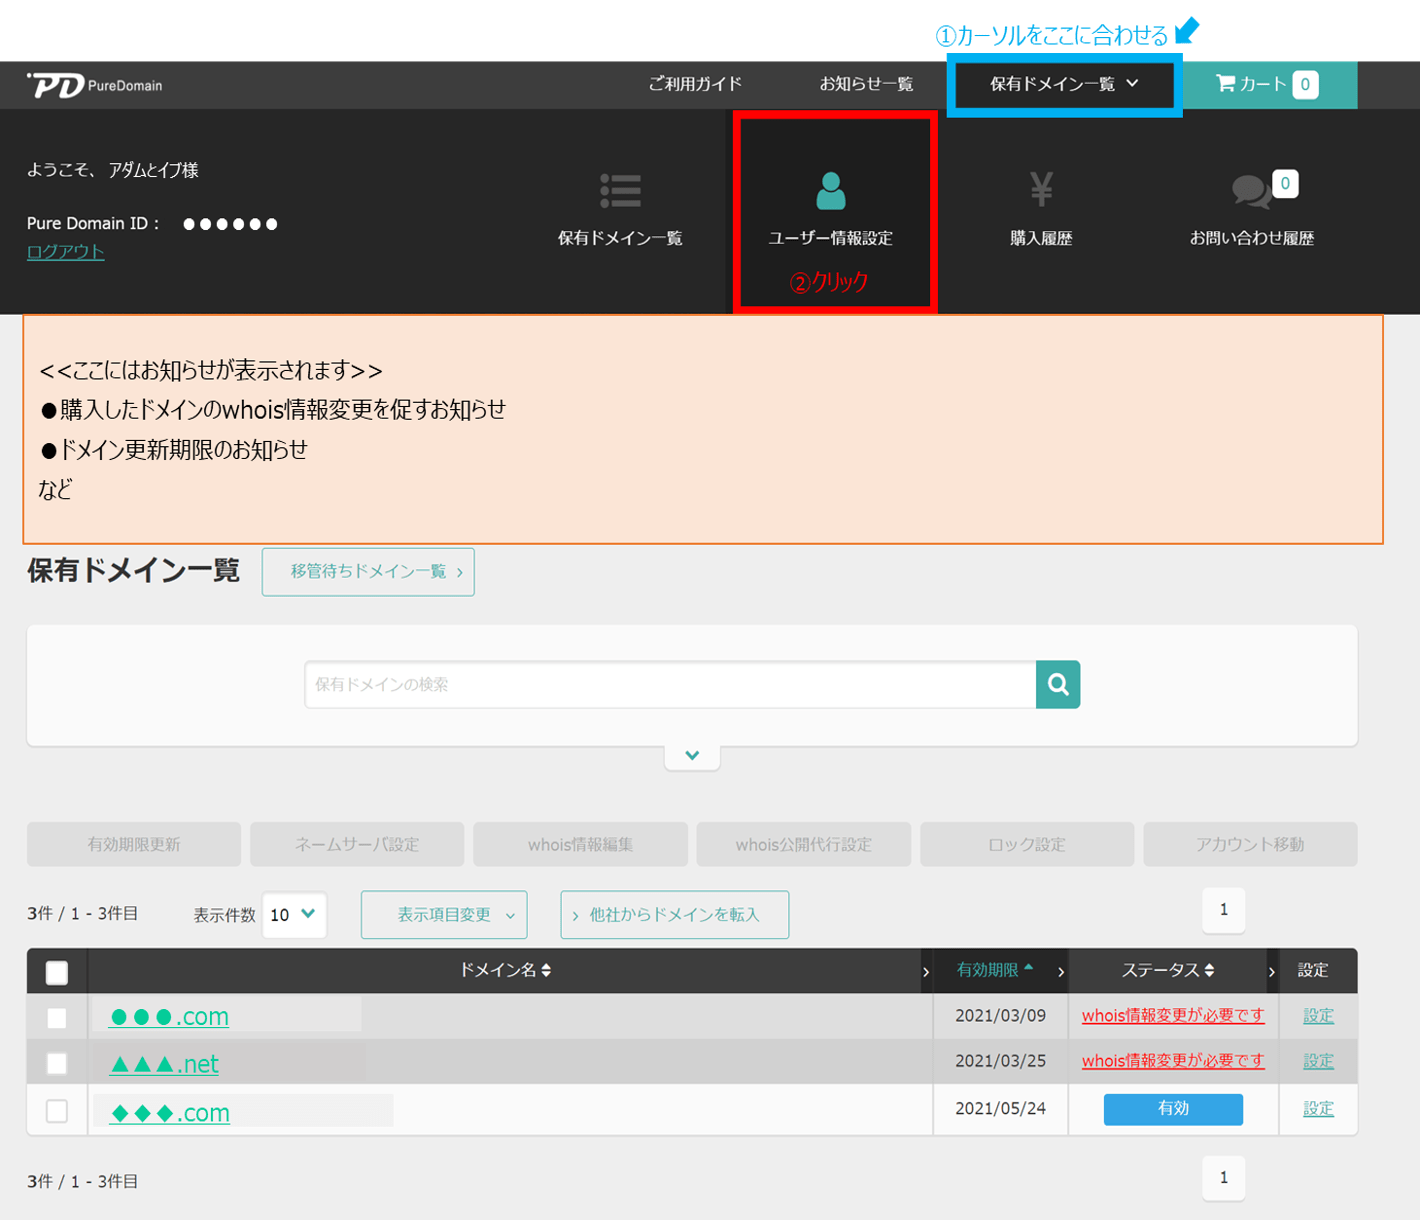 ユーザー情報の登録